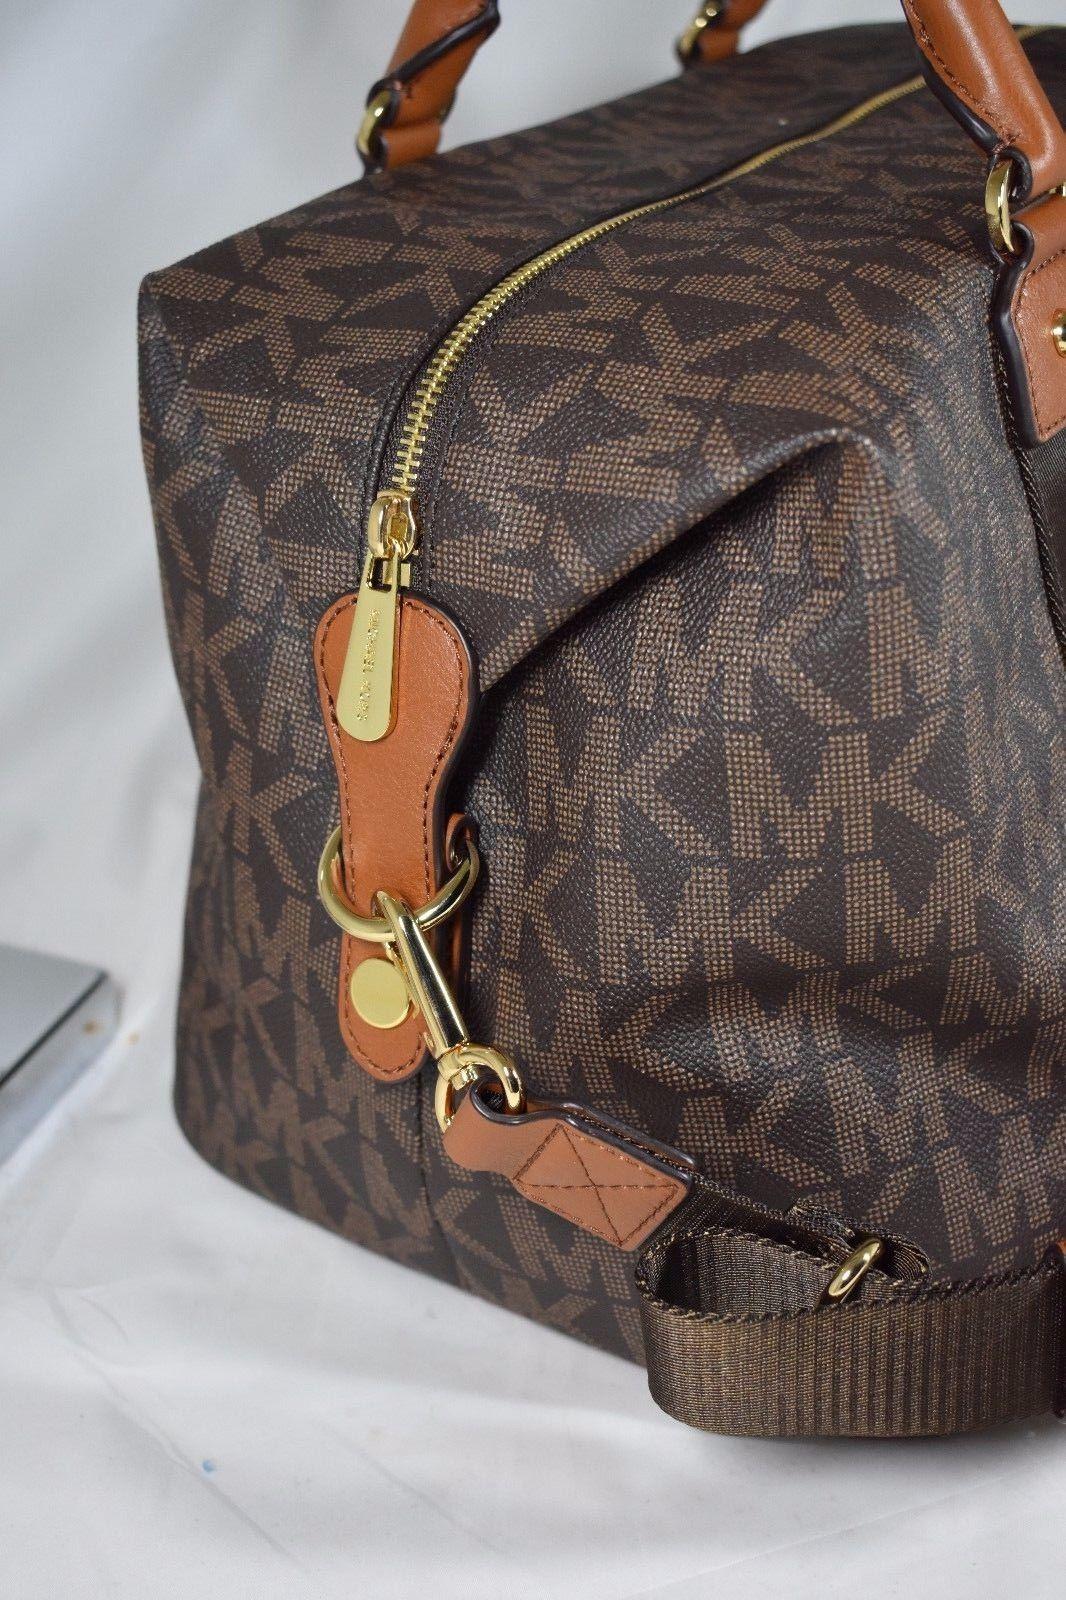 2cff51947cf0 Michael Kors Travel MK Signature Brown PVC Duffle Carryall Bag Large  Weekender  249.0